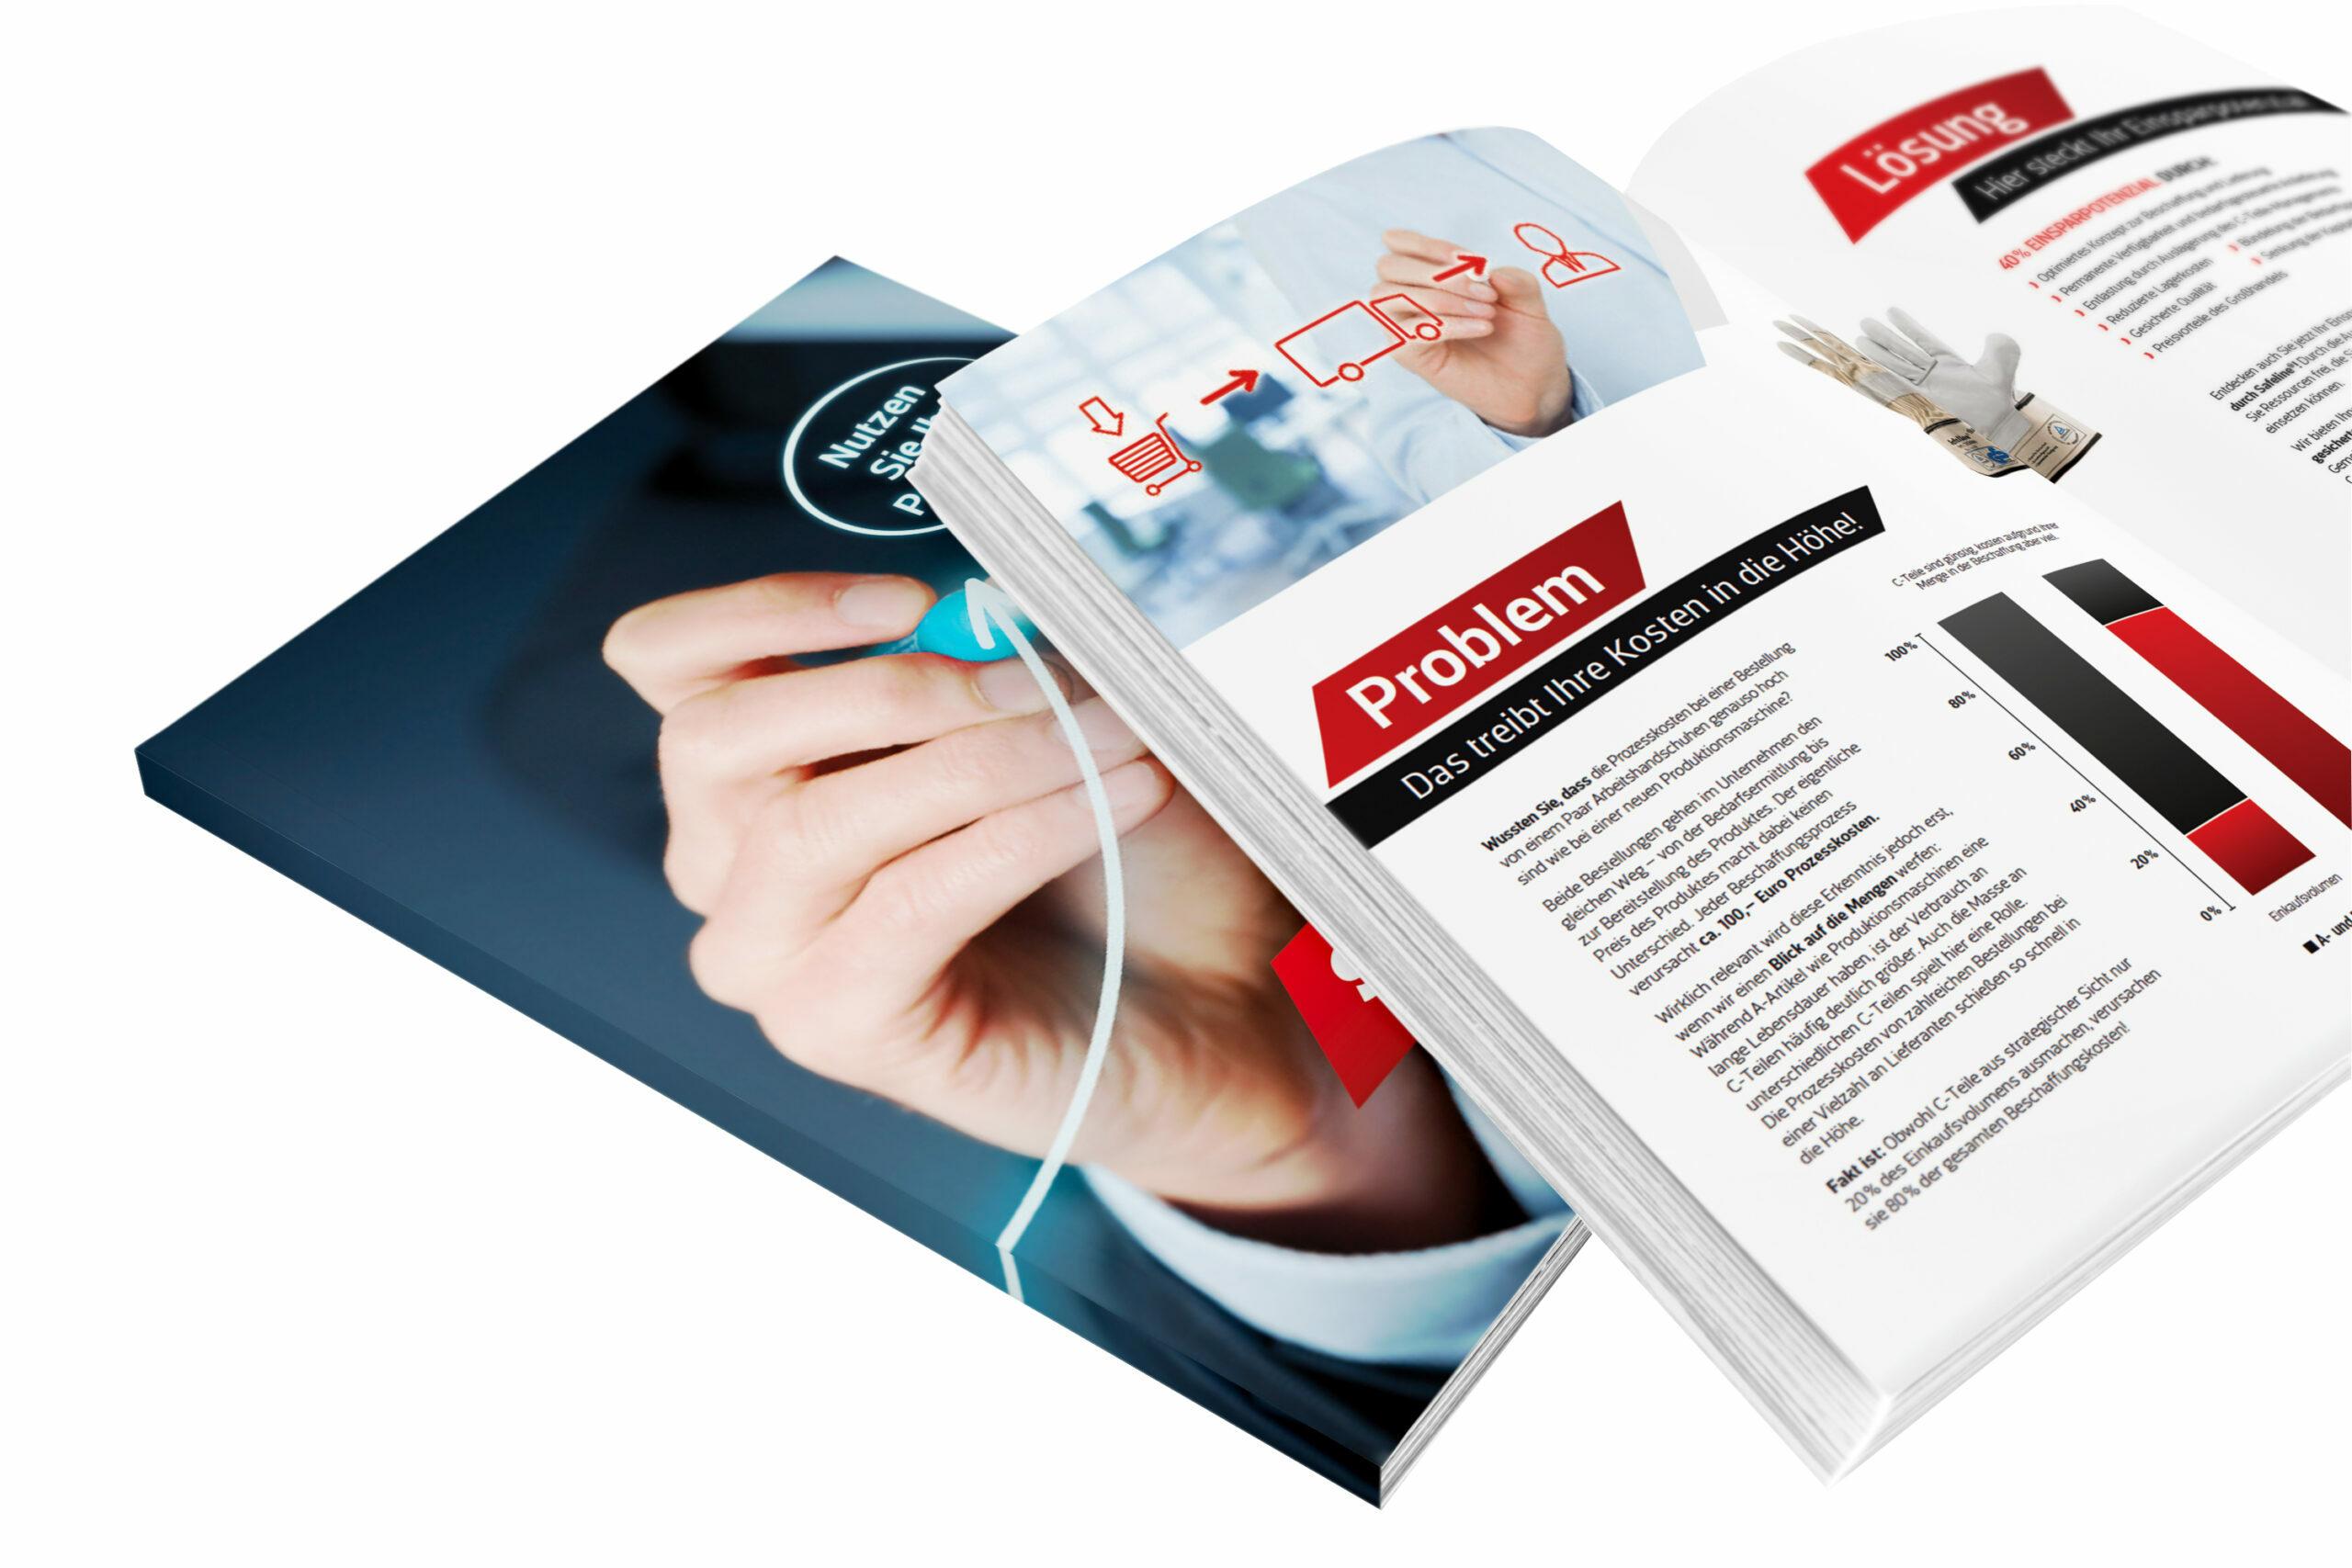 Broschüre zum Thema C-Teile-Management